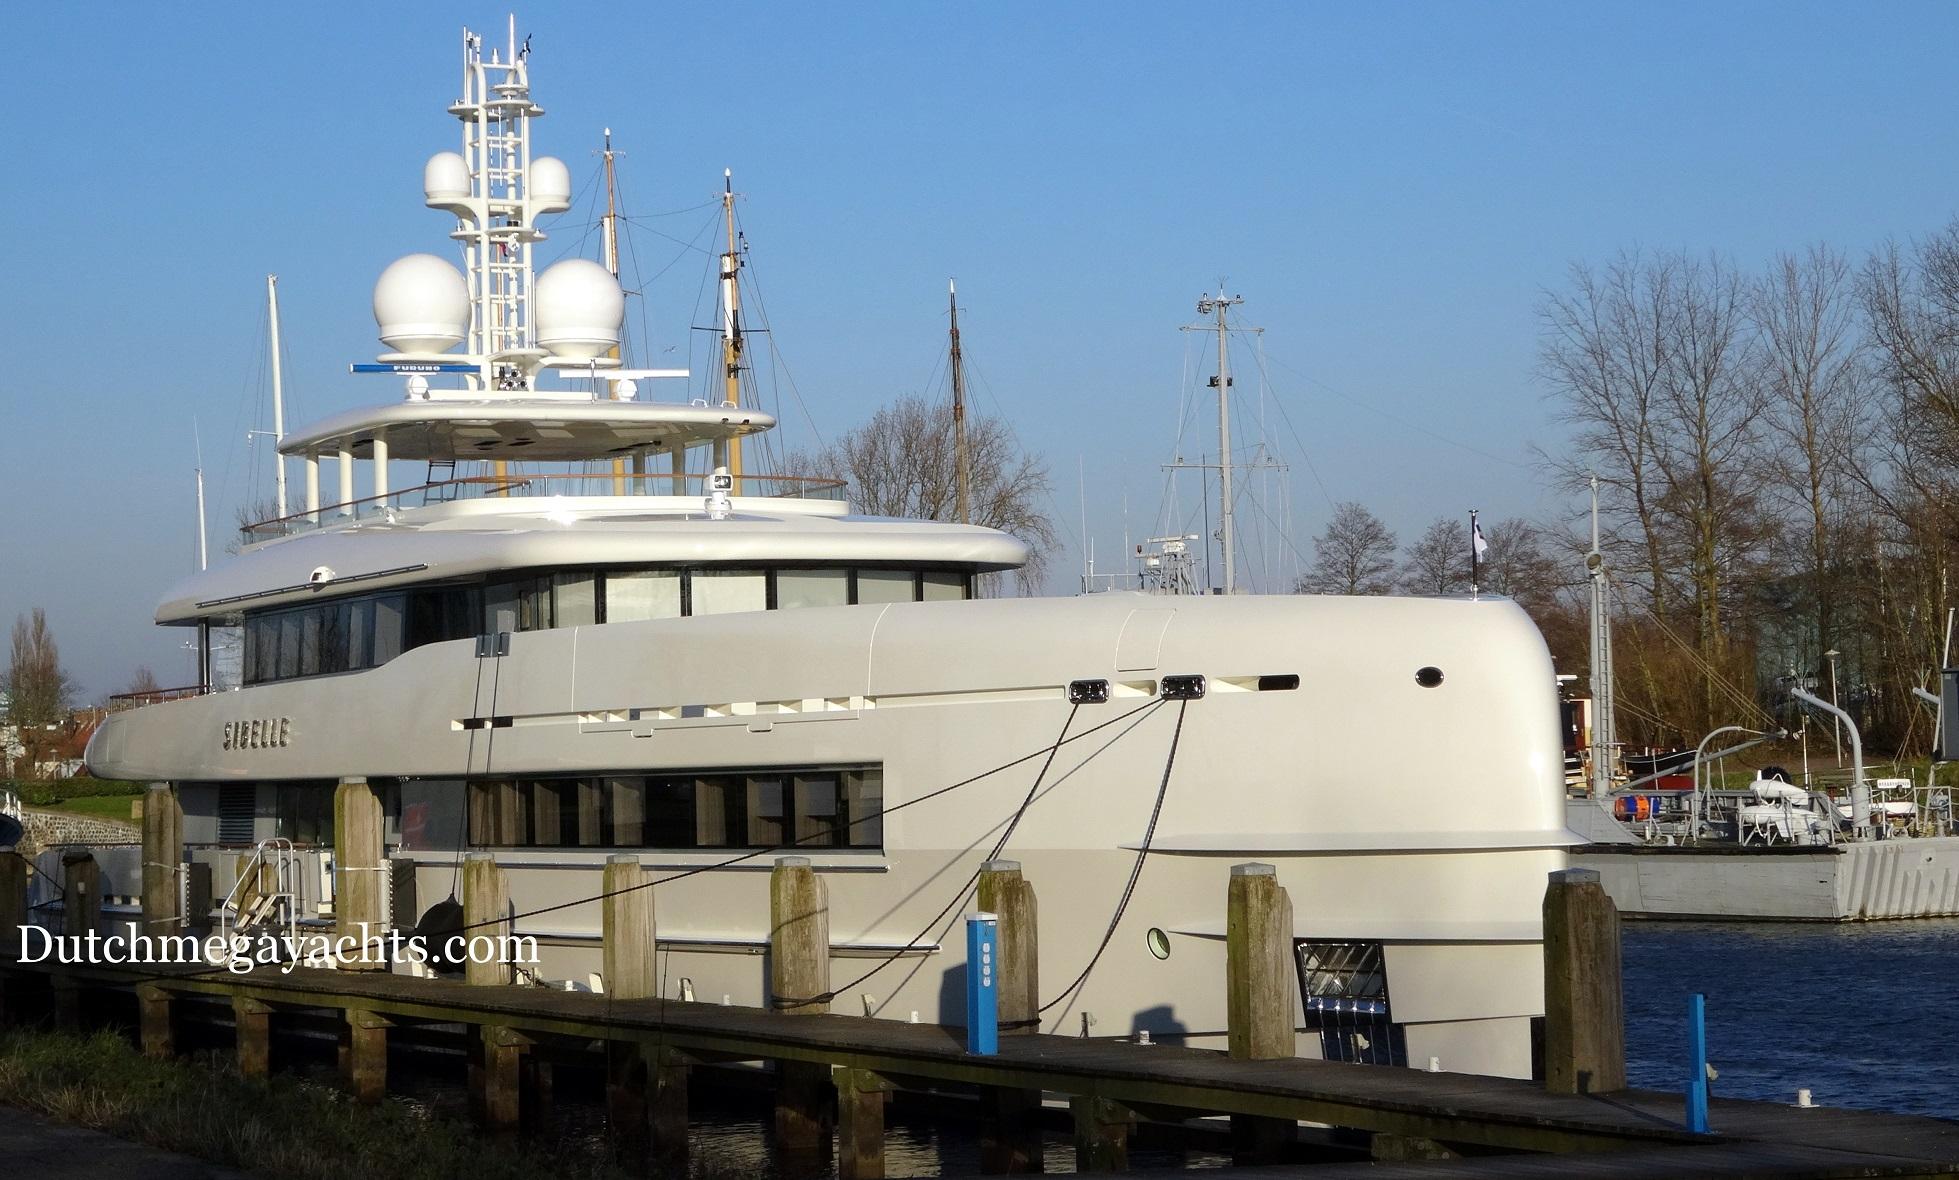 50m Heesen motor yacht SIBELLE (YN 16750) with mast added